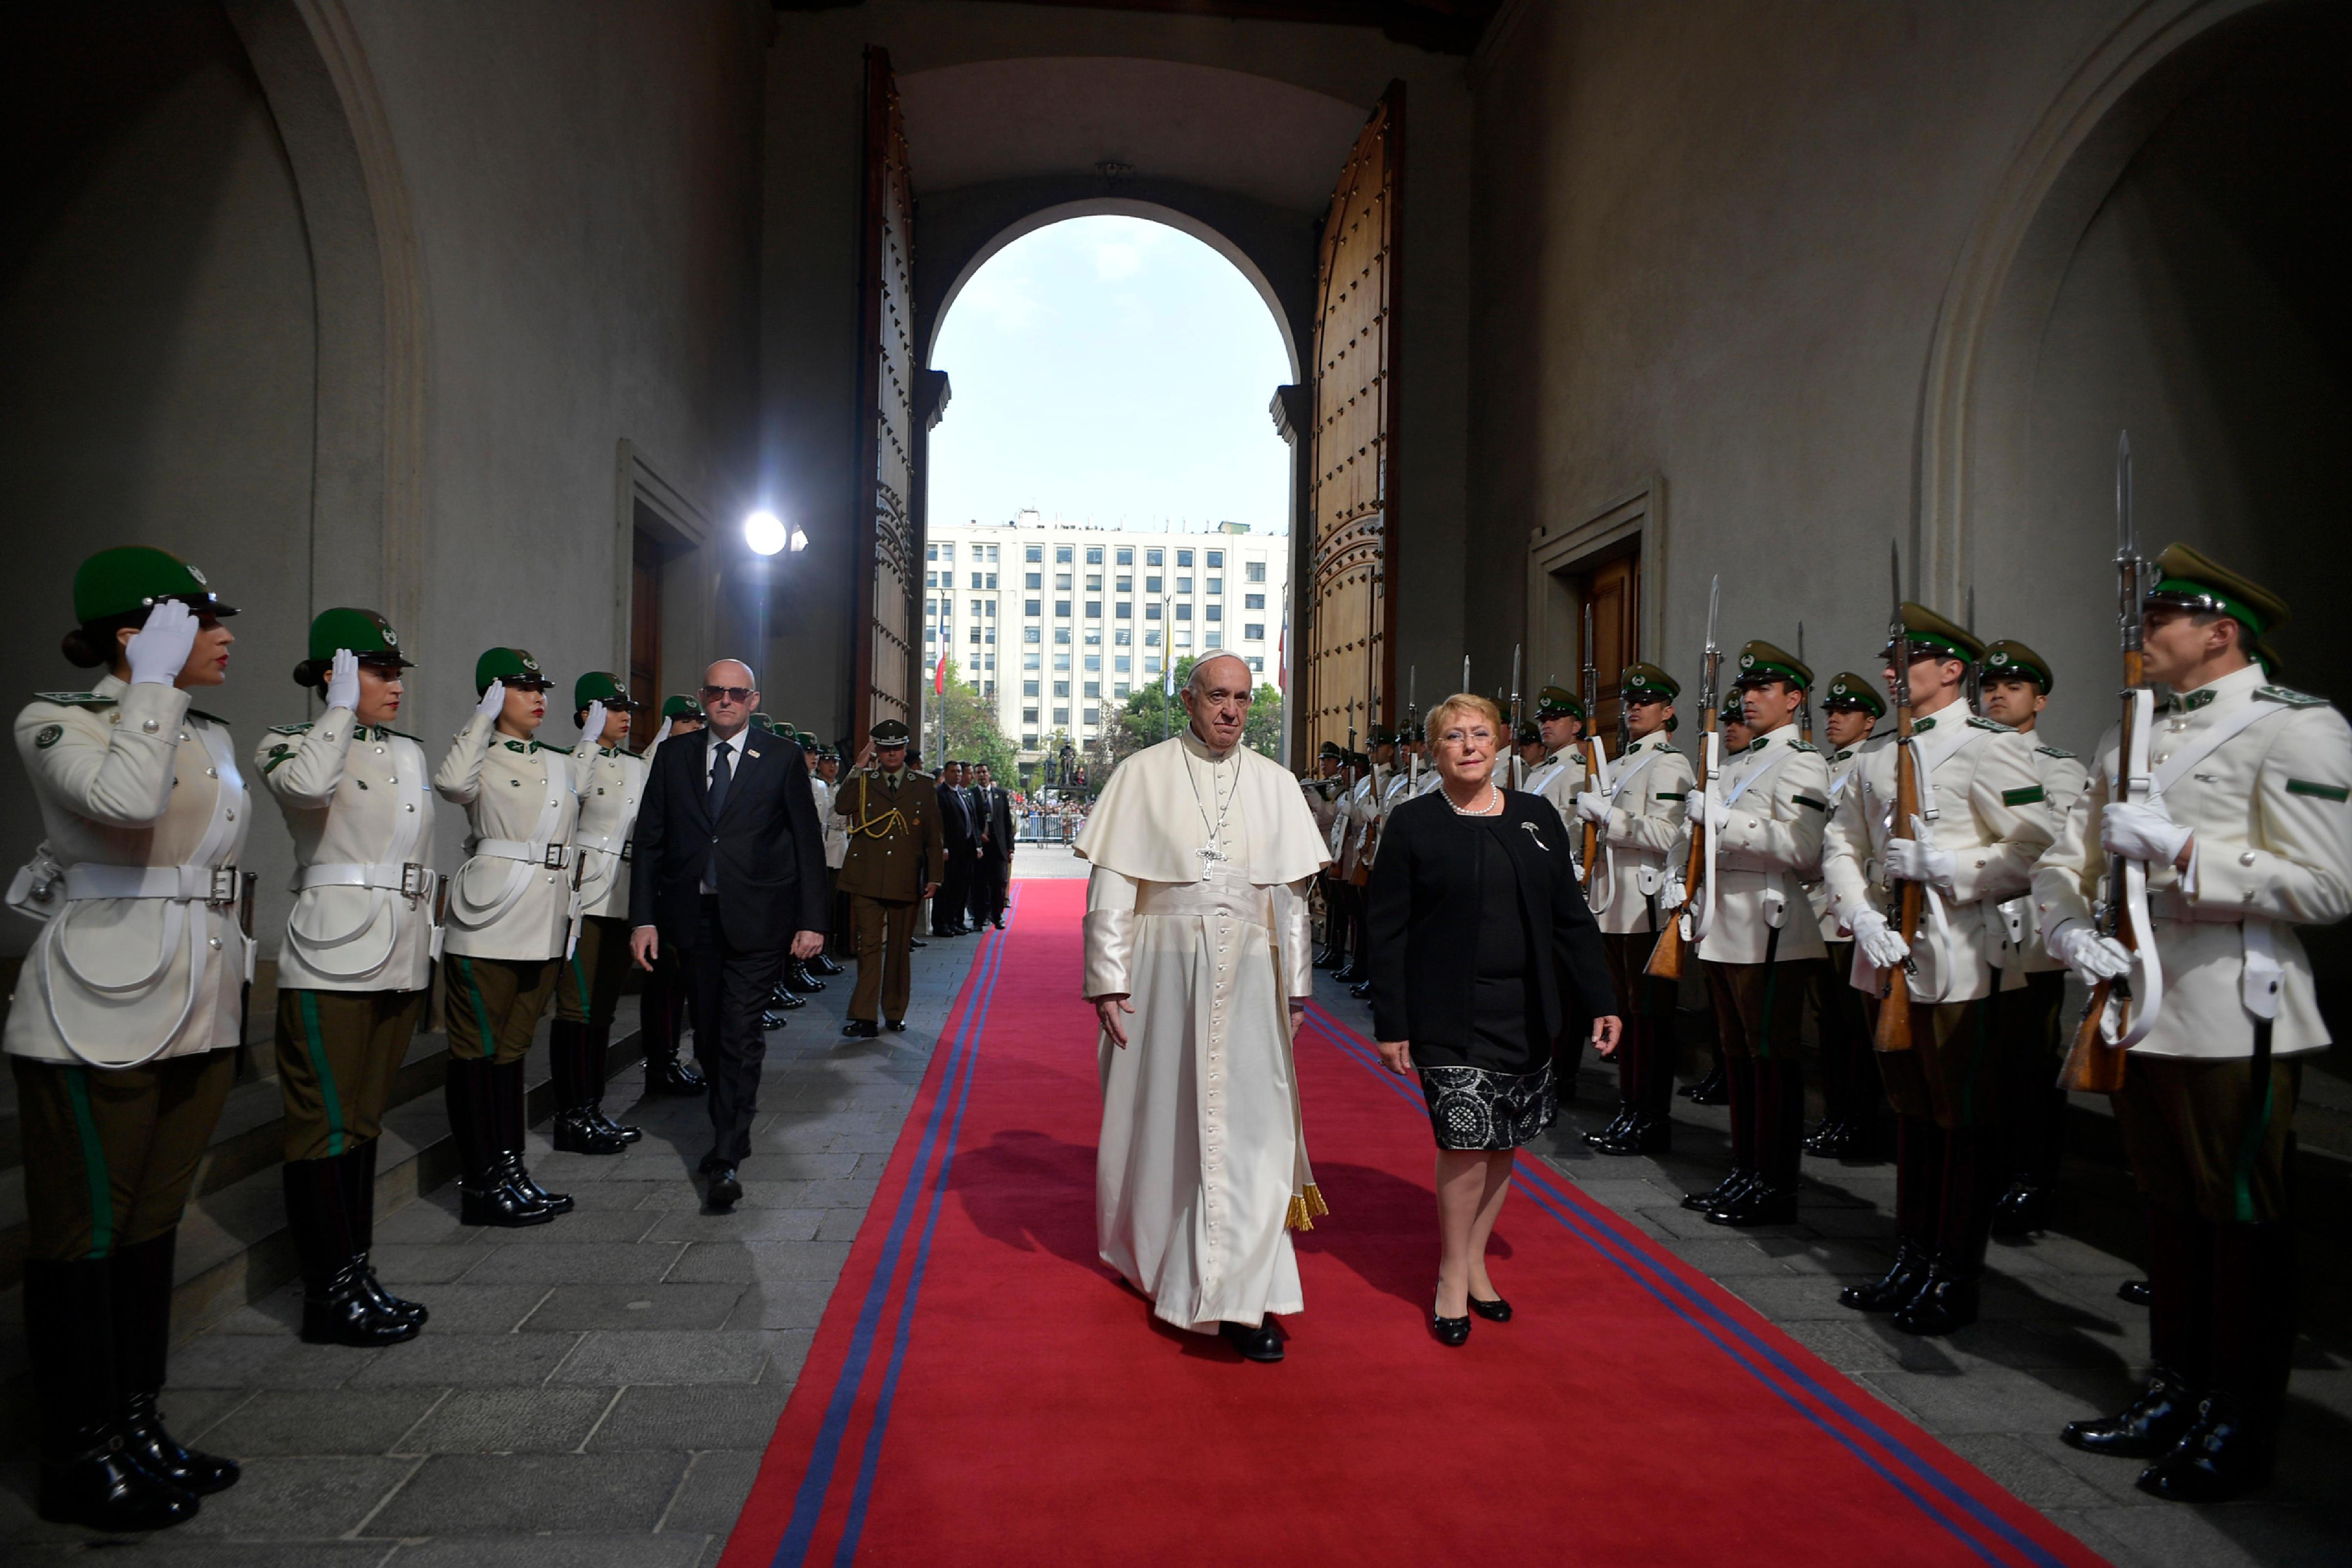 Llegada del Papa al Palacio de la Moneda, en Santiago de Chile © L'Osservatore Romano